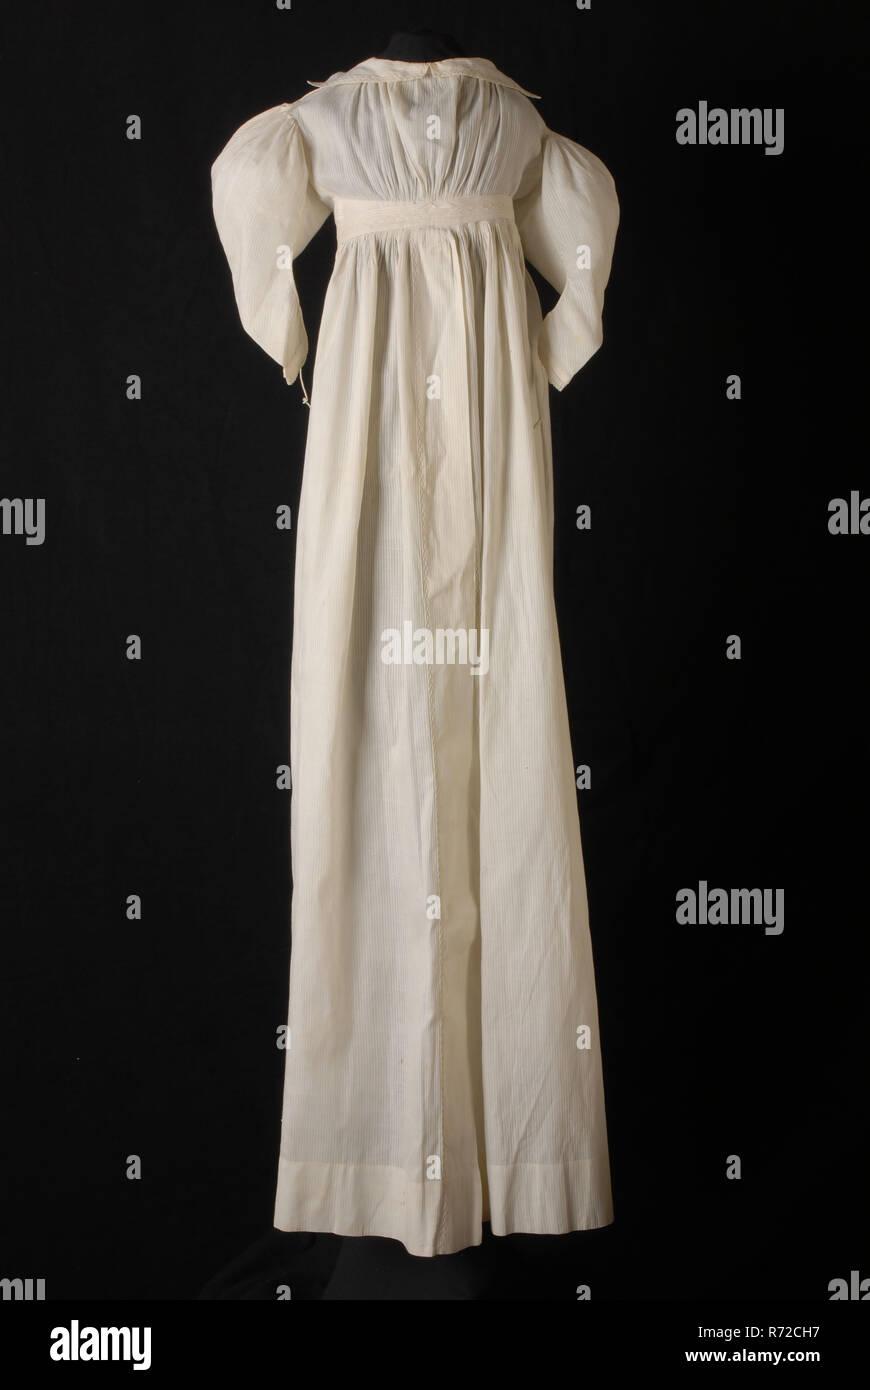 c95c35b12 Bebé camisón blanco de algodón, con mangas de piel de cordero ...